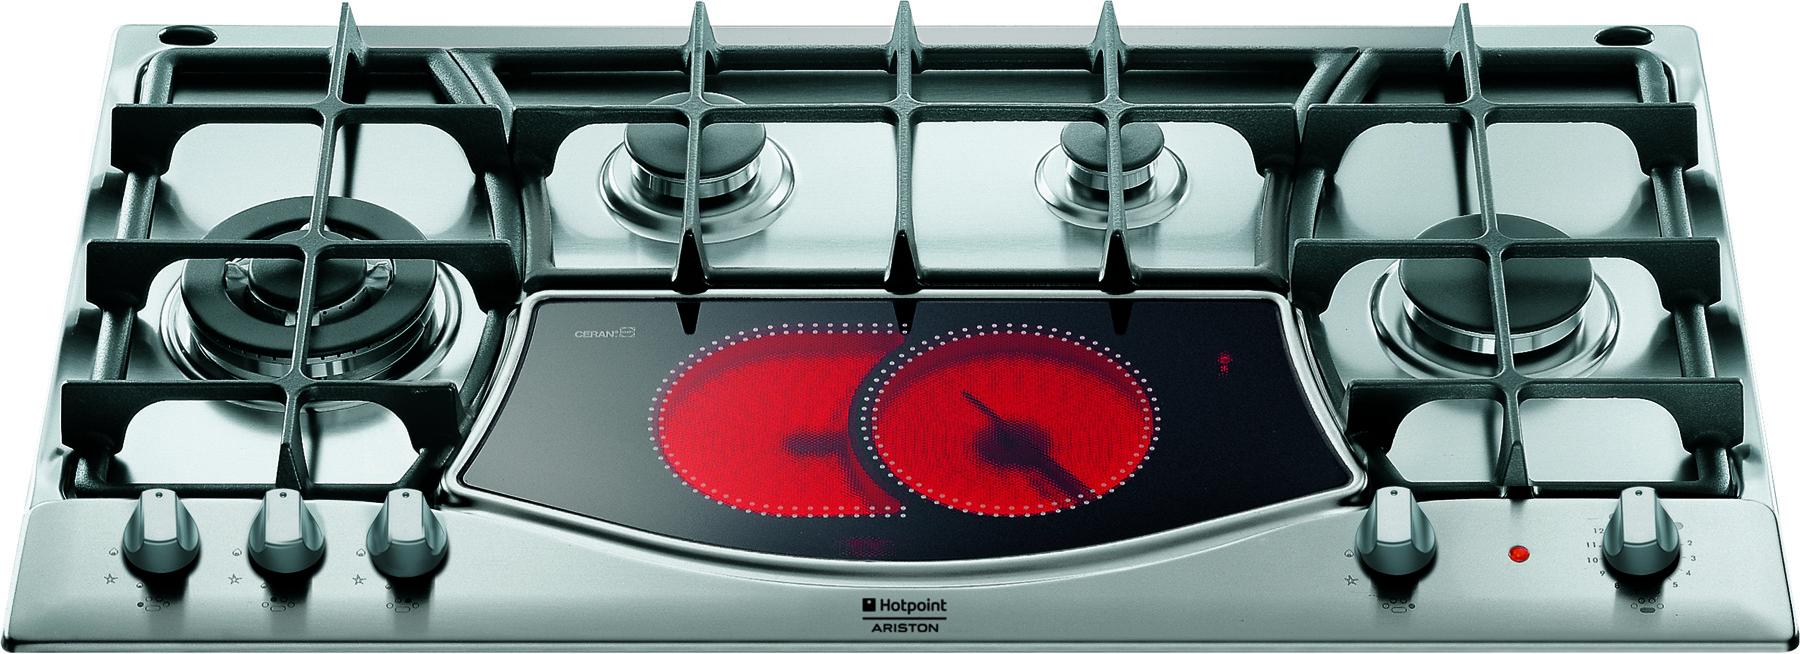 Kuchnia Indukcyjna czy kuchnia gazowa?  Strona 4  Świat kuchni  Forum budo   -> Kuchnia Gazowa Czy Indukcyjna Koszty